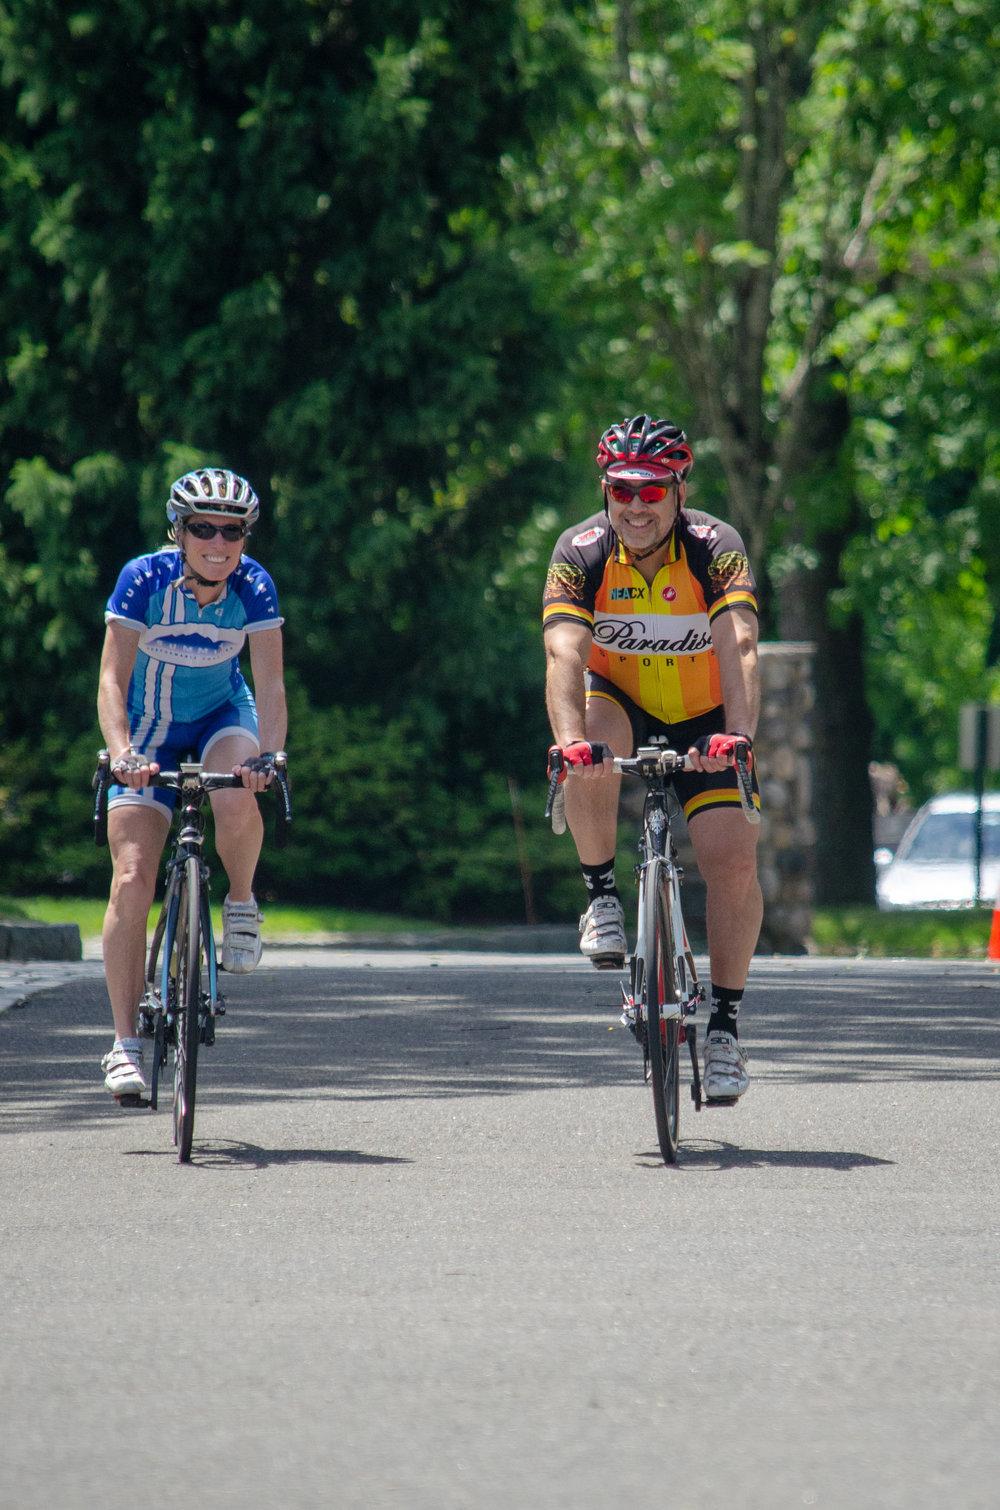 Riders_DSC_1000.jpg